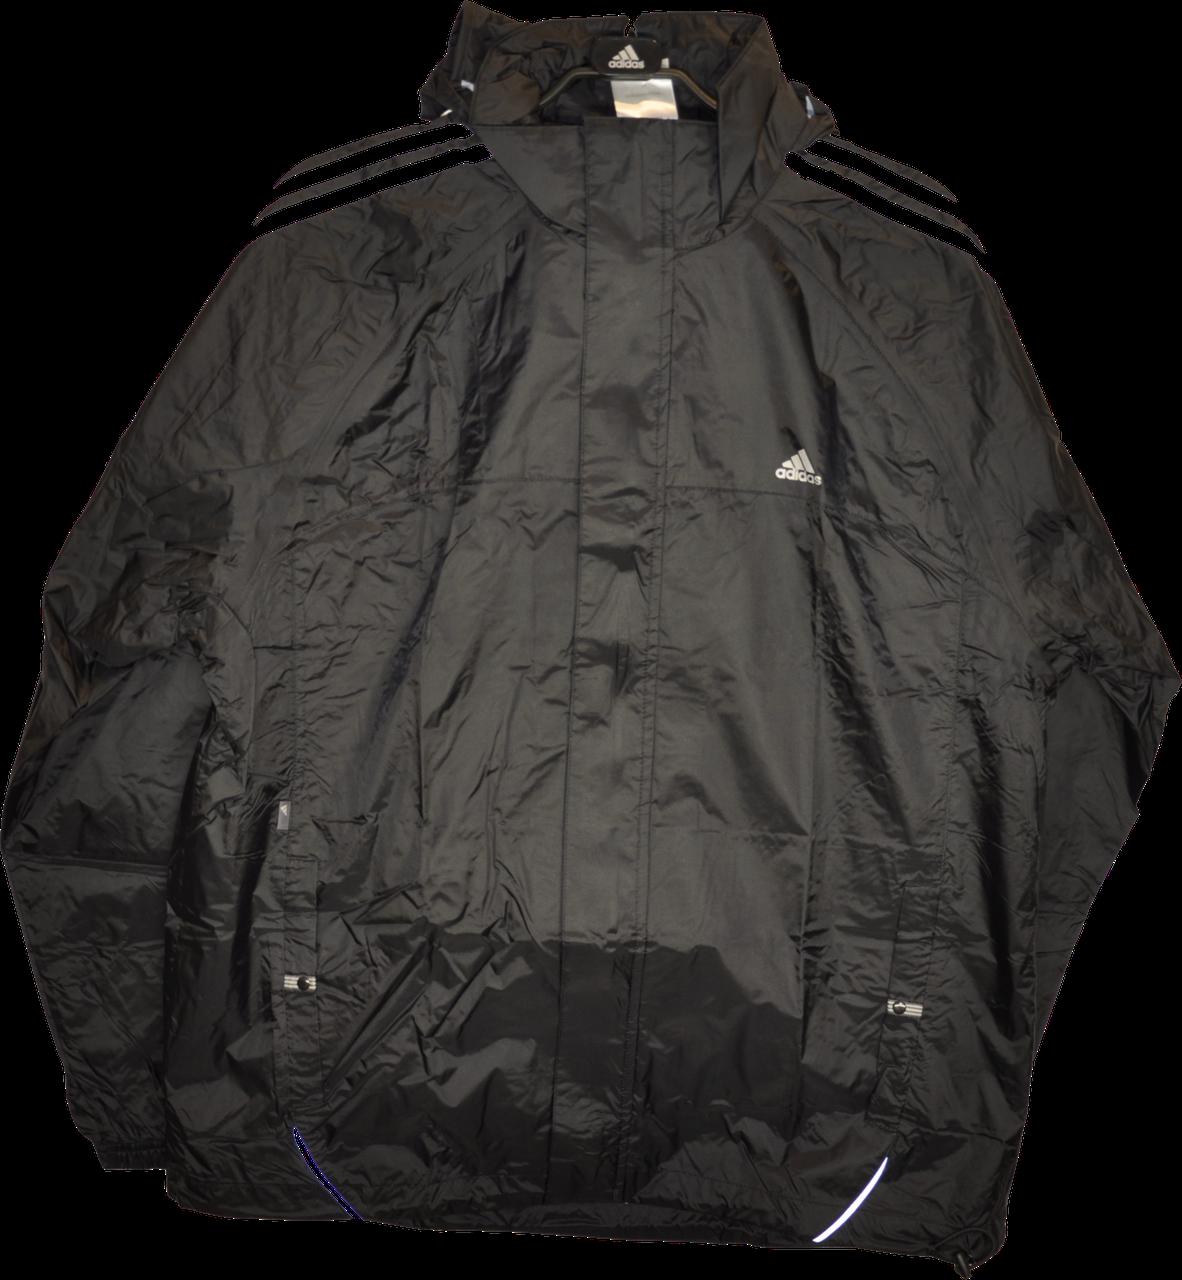 Демисезонная мужская ветровка-дождевик Adidas ESS 3S Rainjkt.